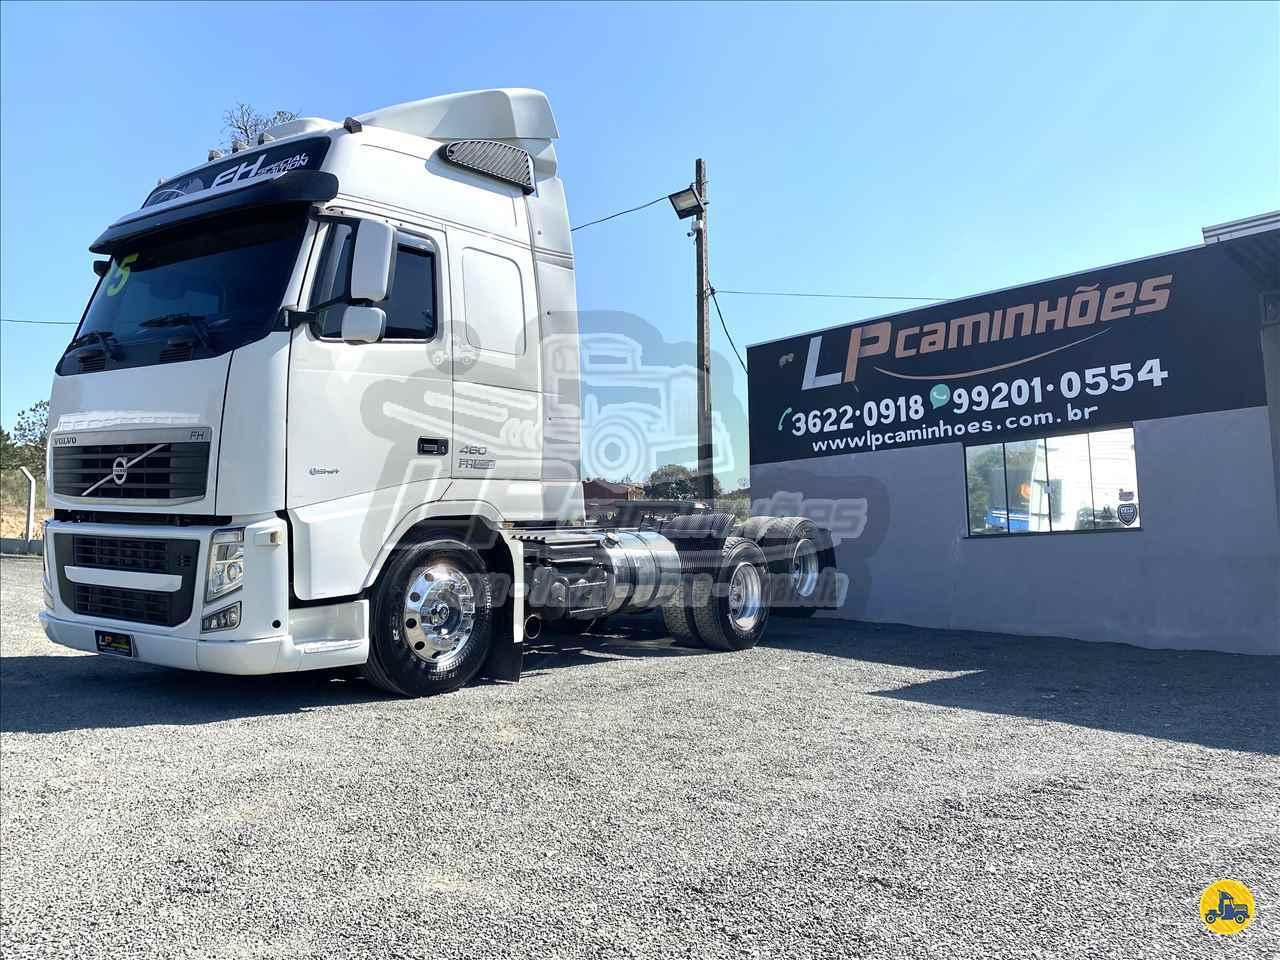 CAMINHAO VOLVO VOLVO FH 460 Cavalo Mecânico Truck 6x2 LP Caminhões CANOINHAS SANTA CATARINA SC